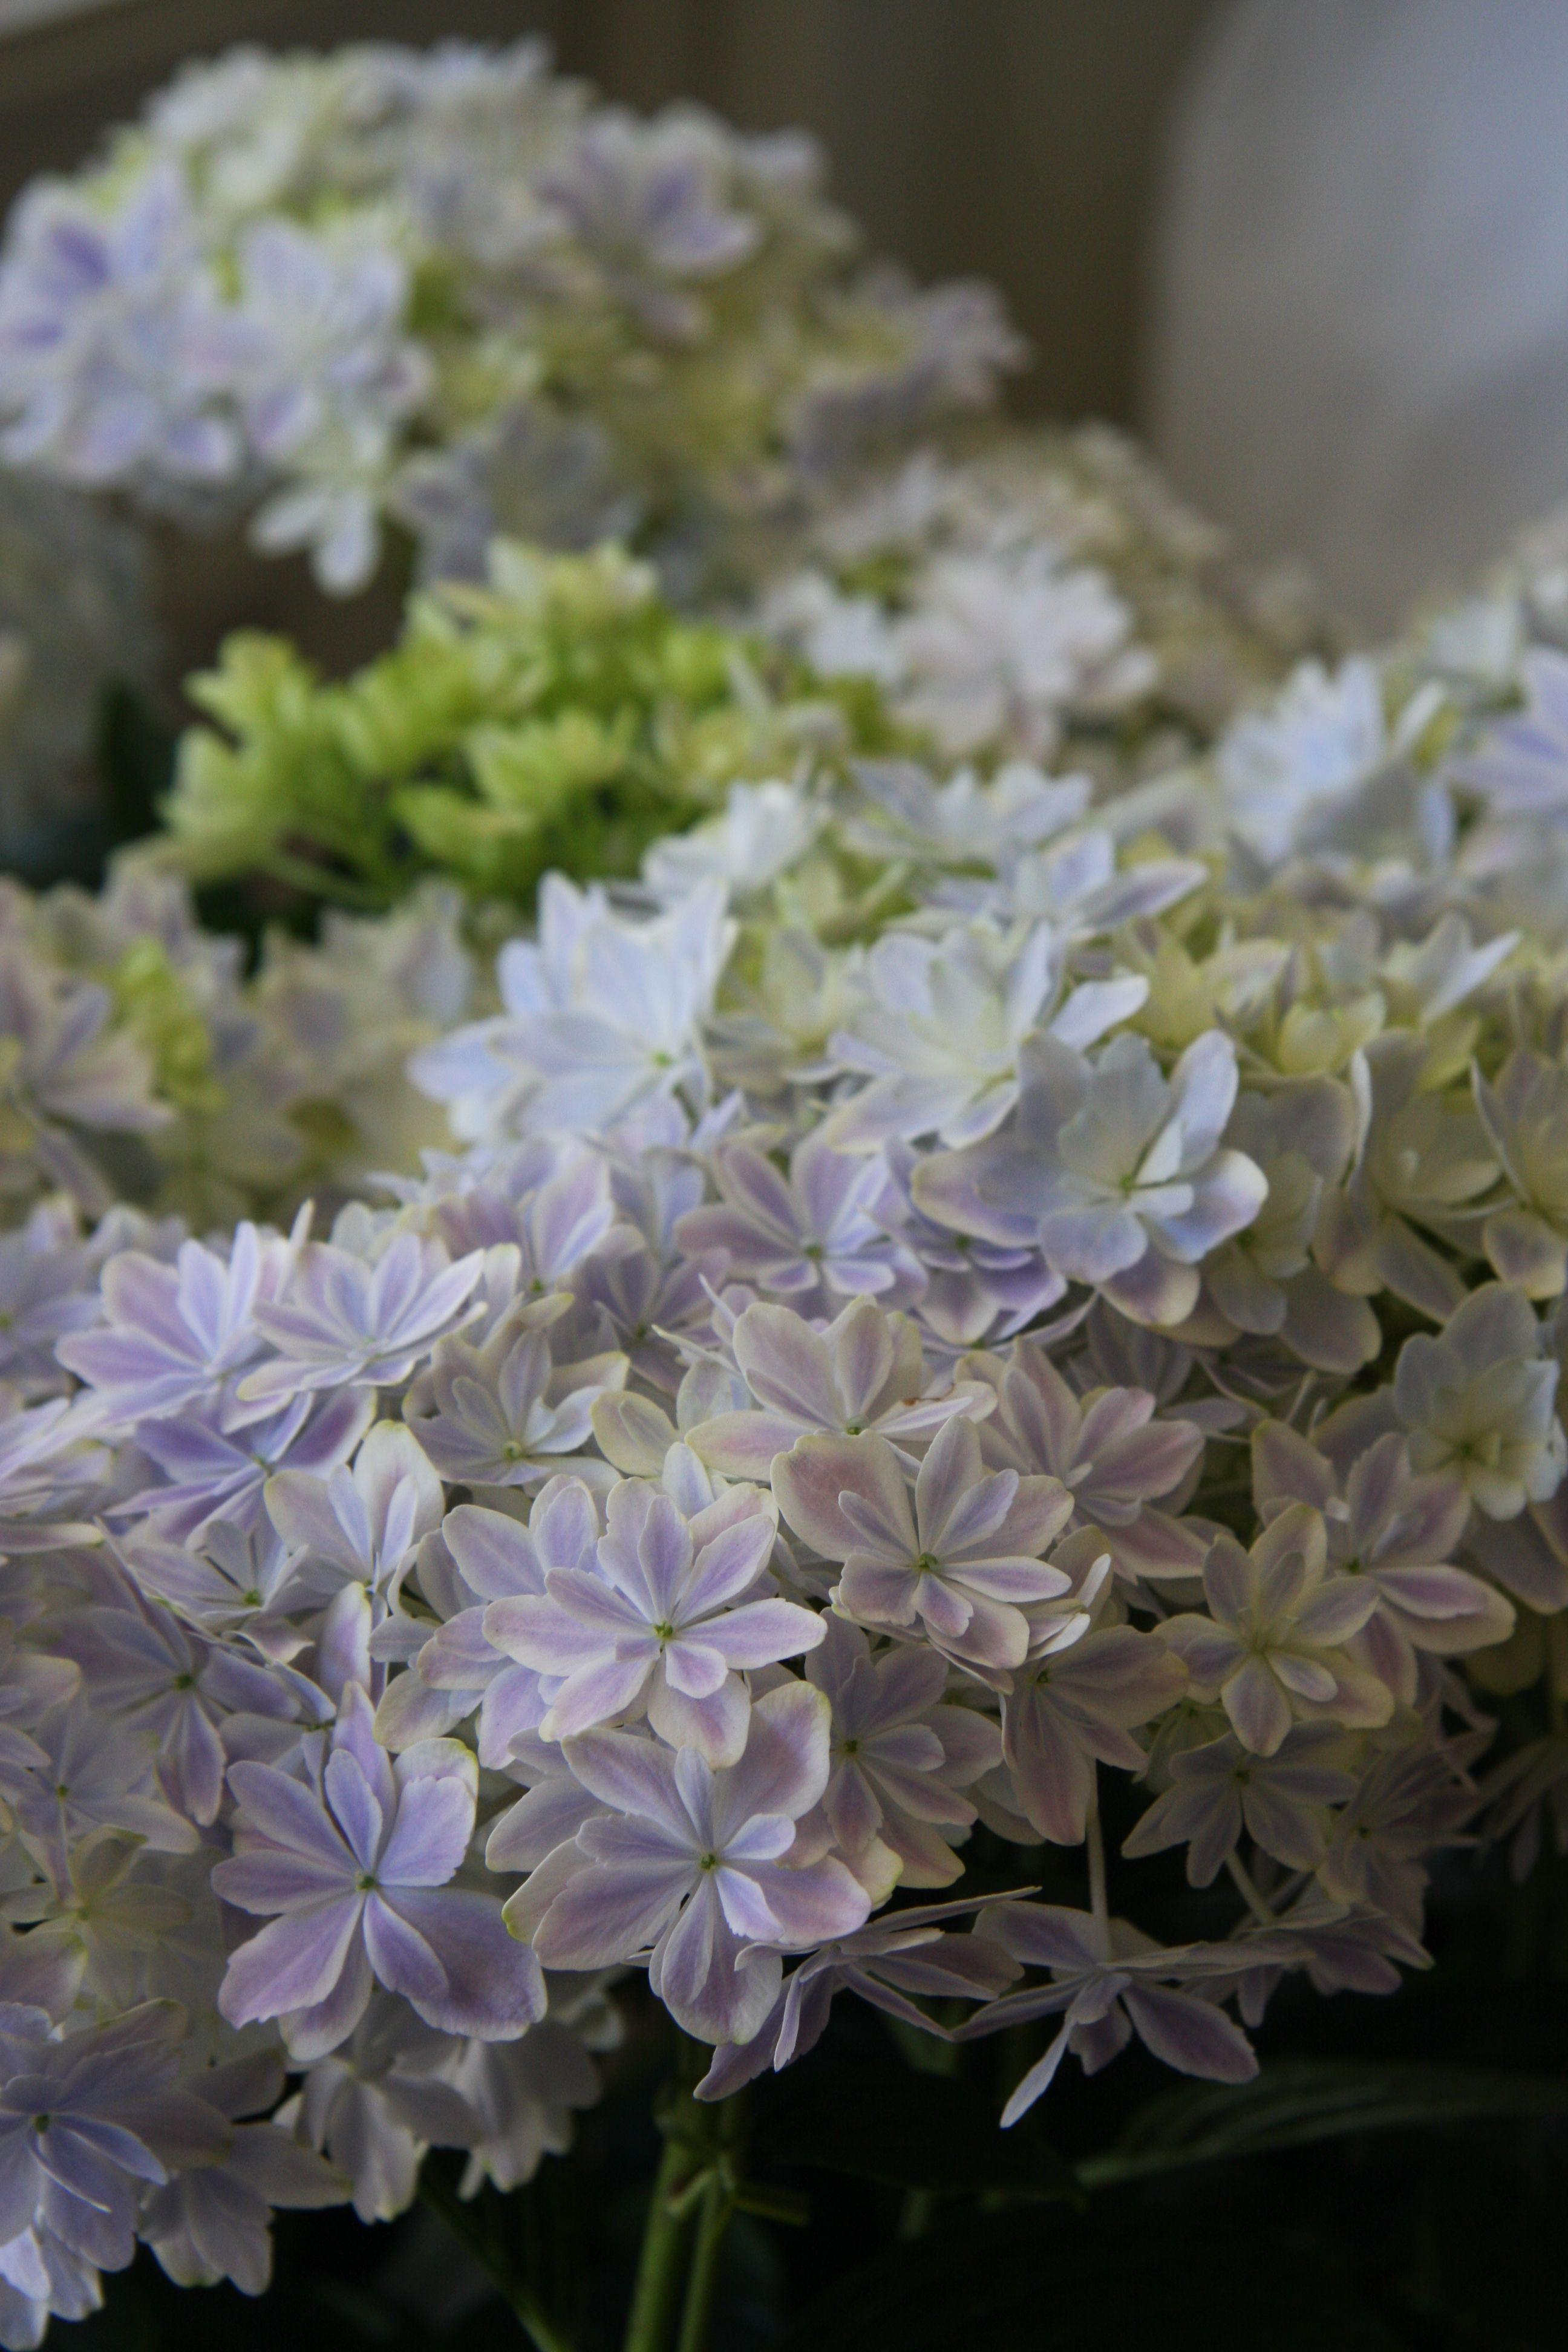 hydrangea kaleidoscope... La nature est belle...!